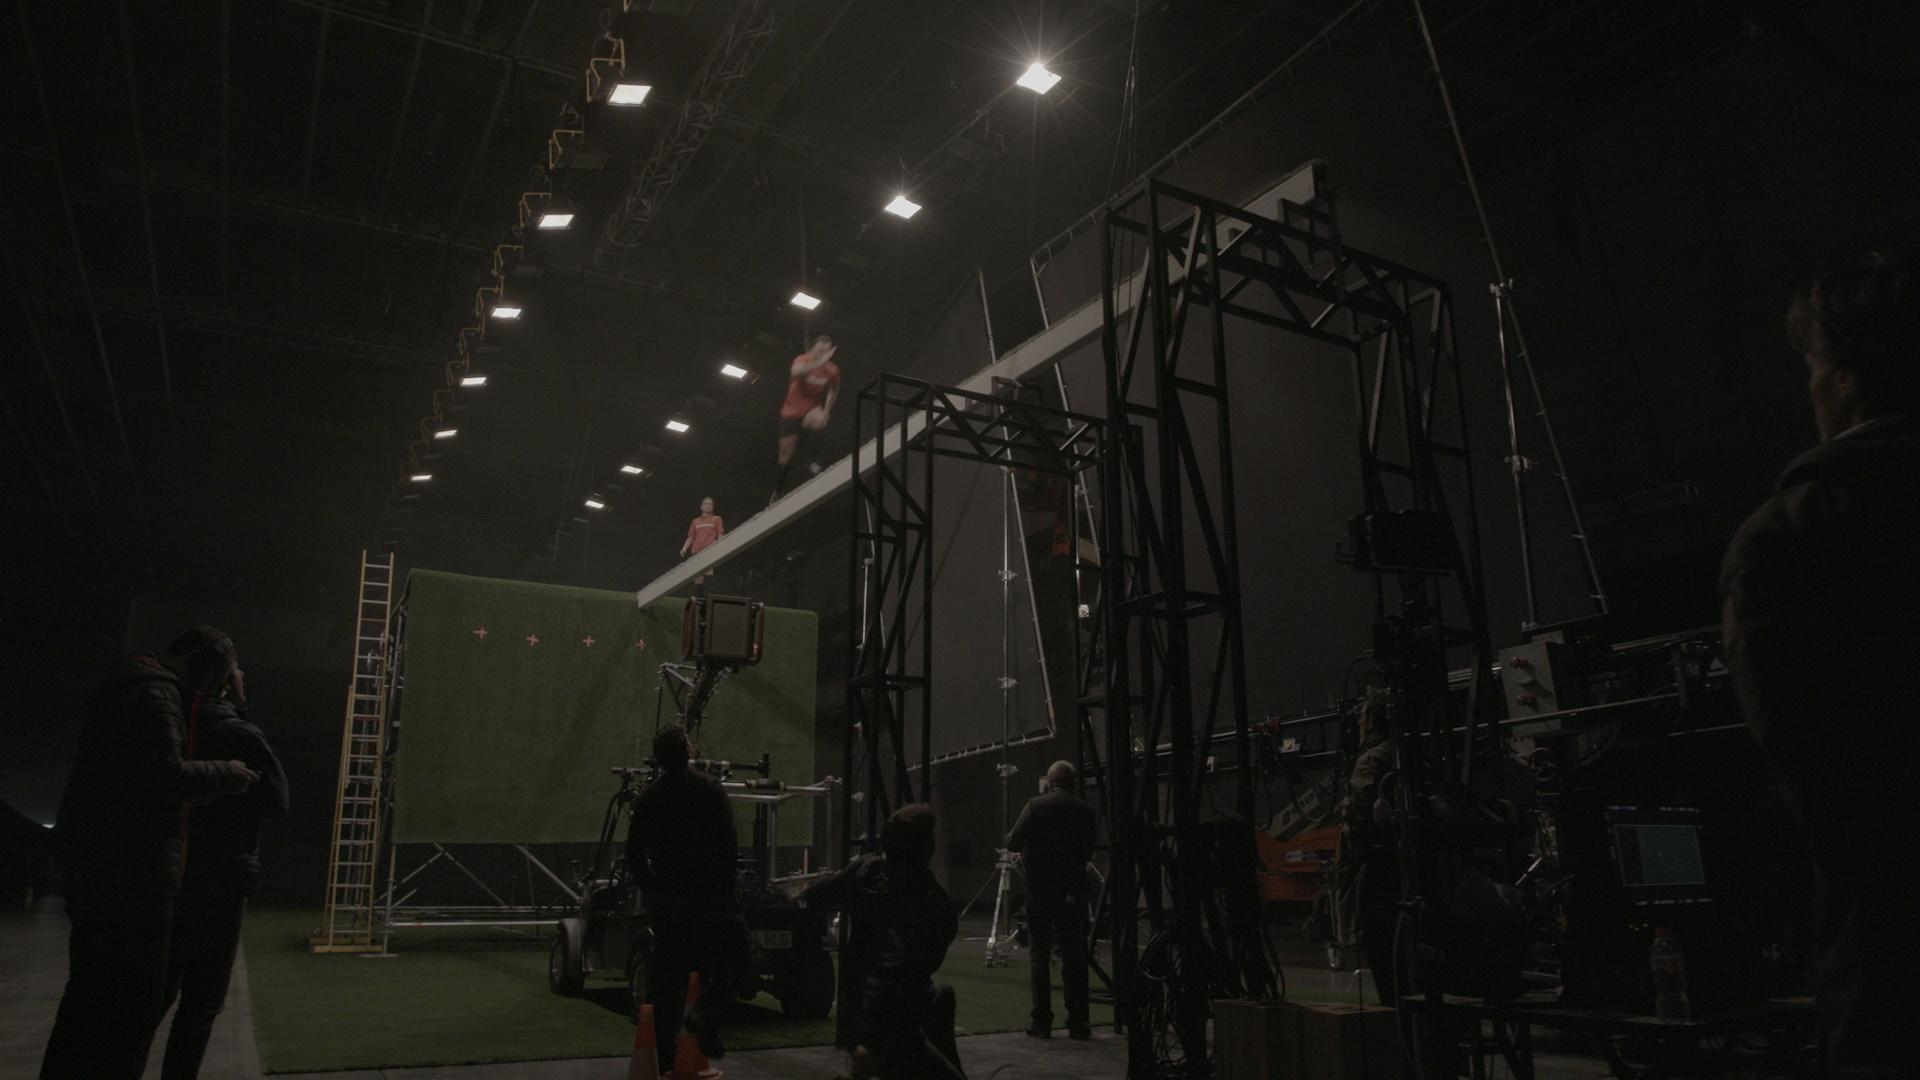 Ana Aguero on beam